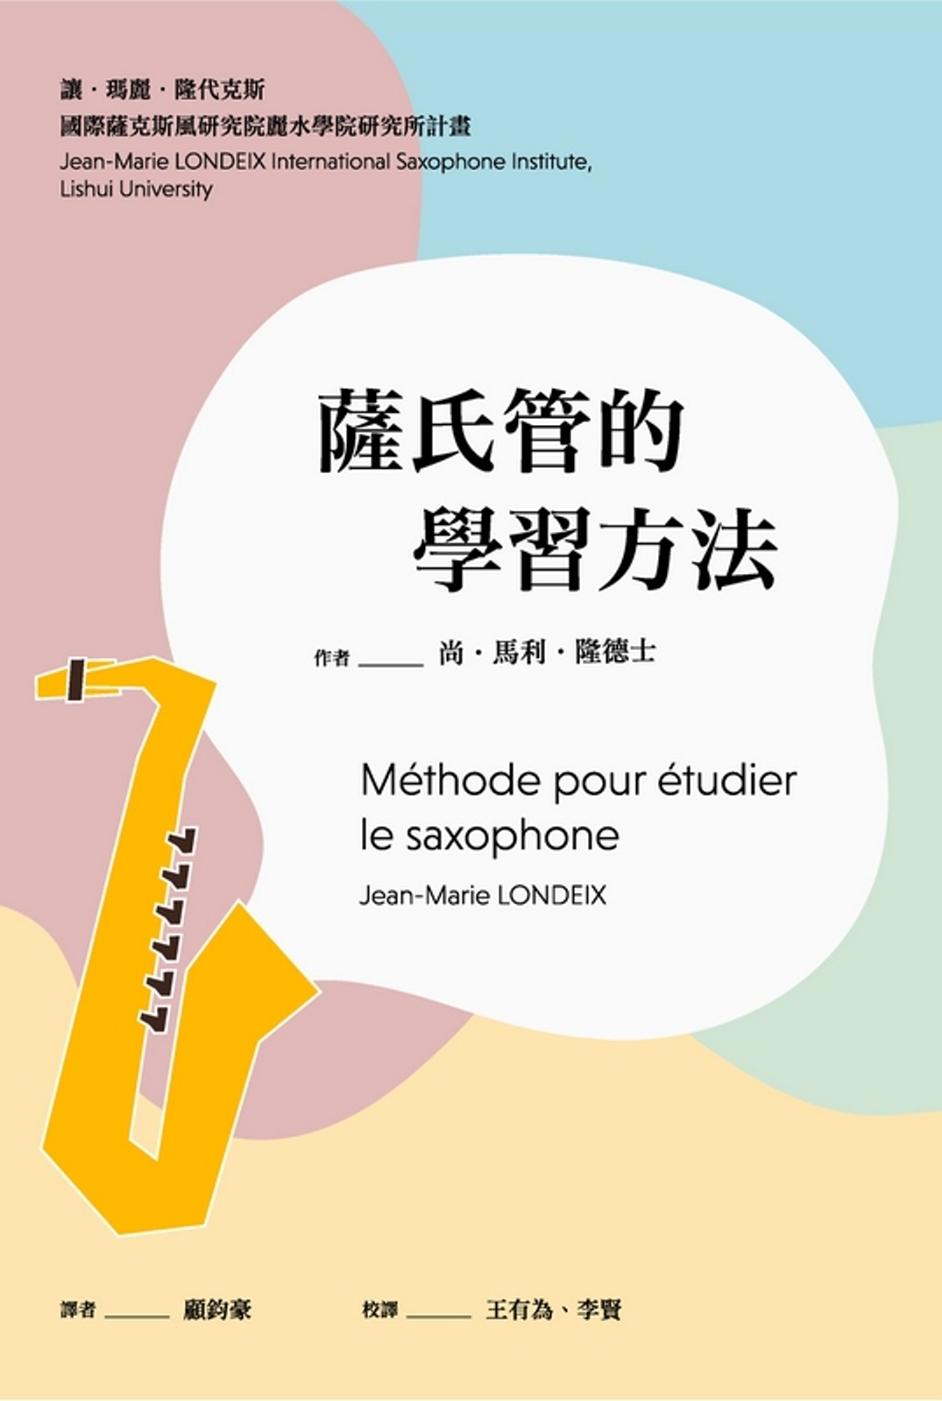 薩氏管的學習方法